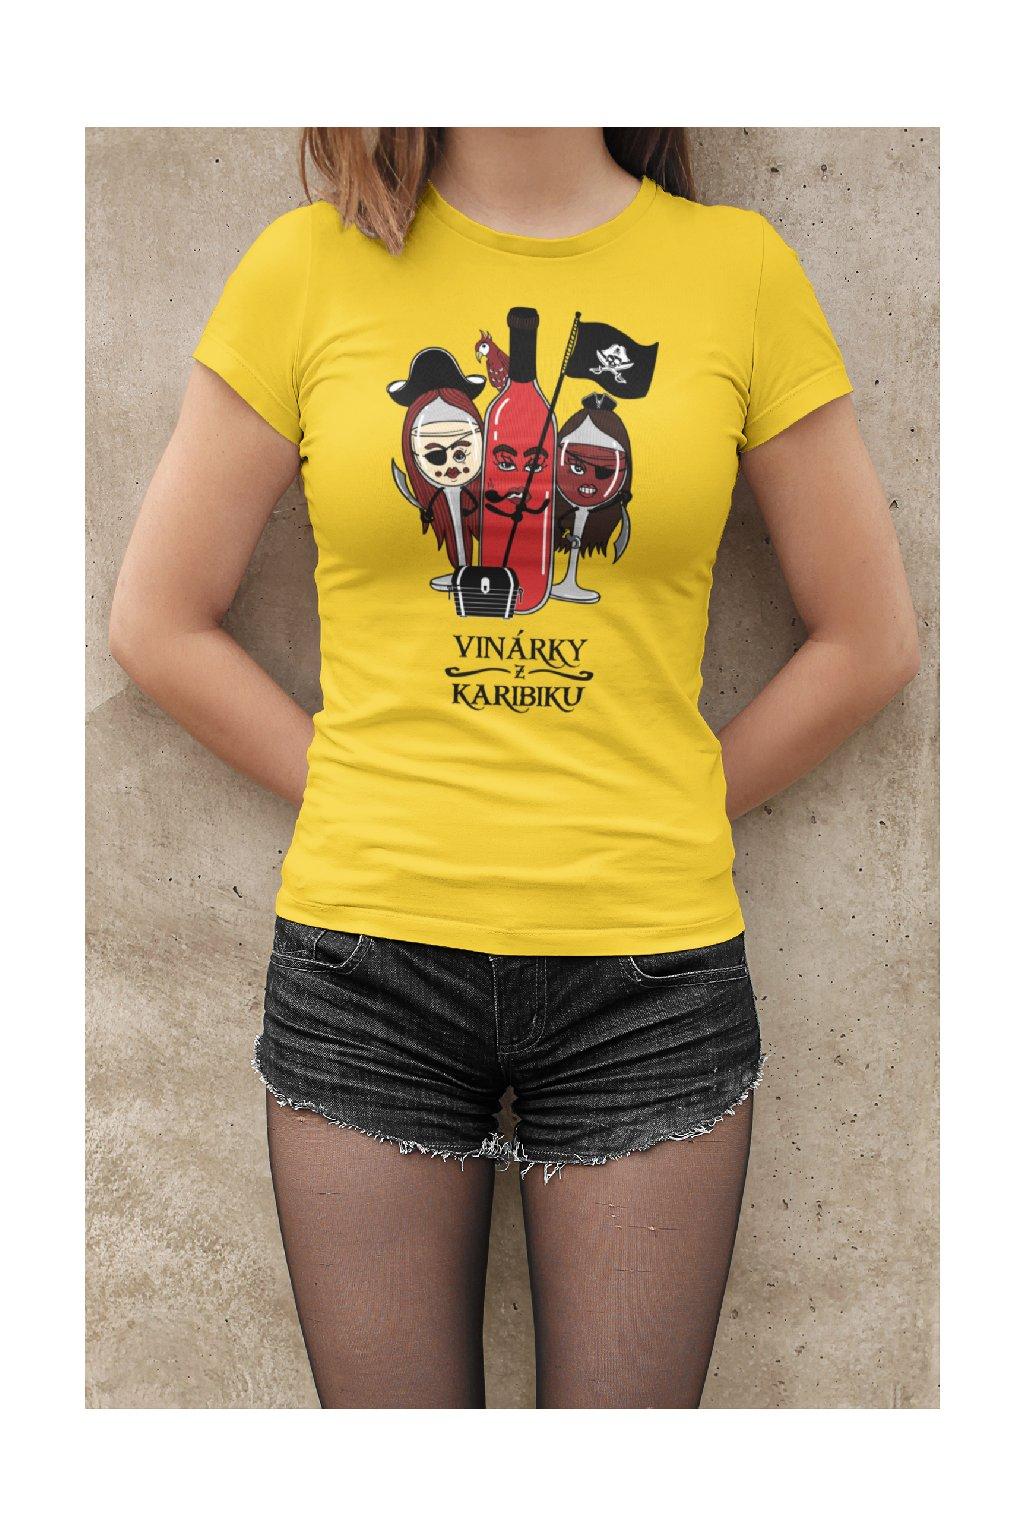 MMO Dámske tričko Vinárky z Karibiku Vyberte farbu: Žltá, Vyberte veľkosť: M